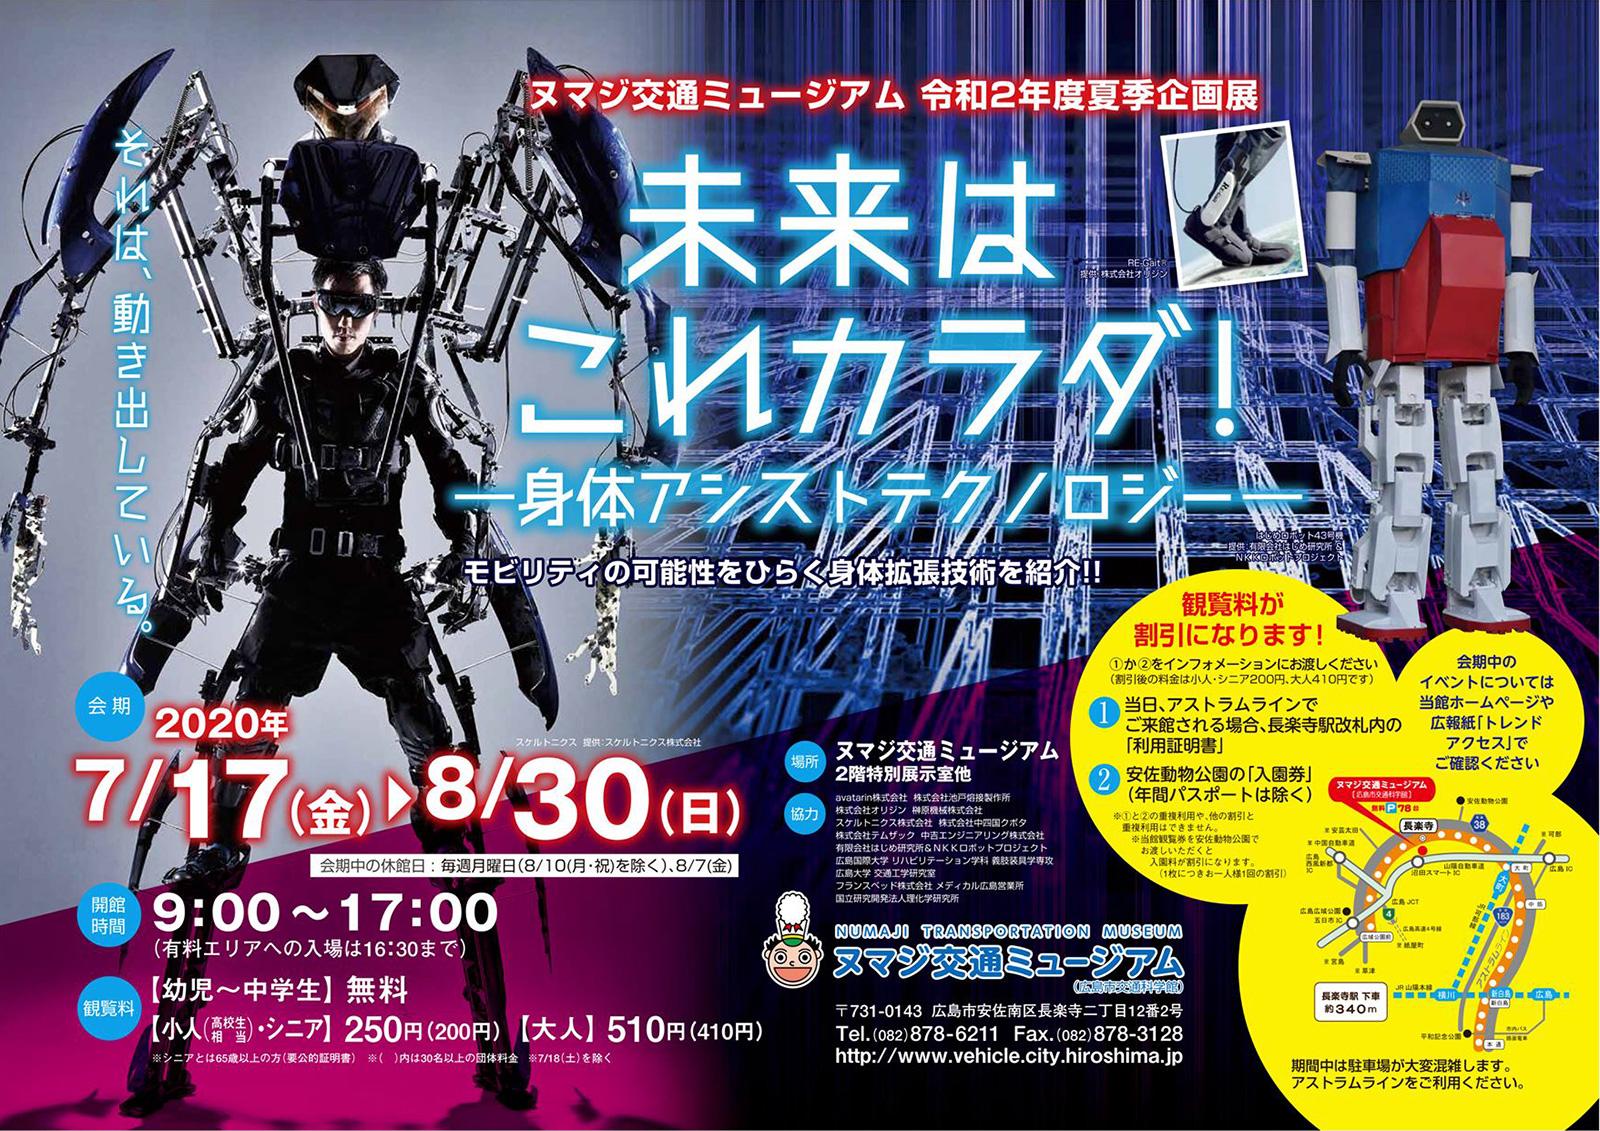 夏休みにヌマジ交通ミュージアムで歩行支援ロボット「RE-Gait(リゲイト)」が展示されます